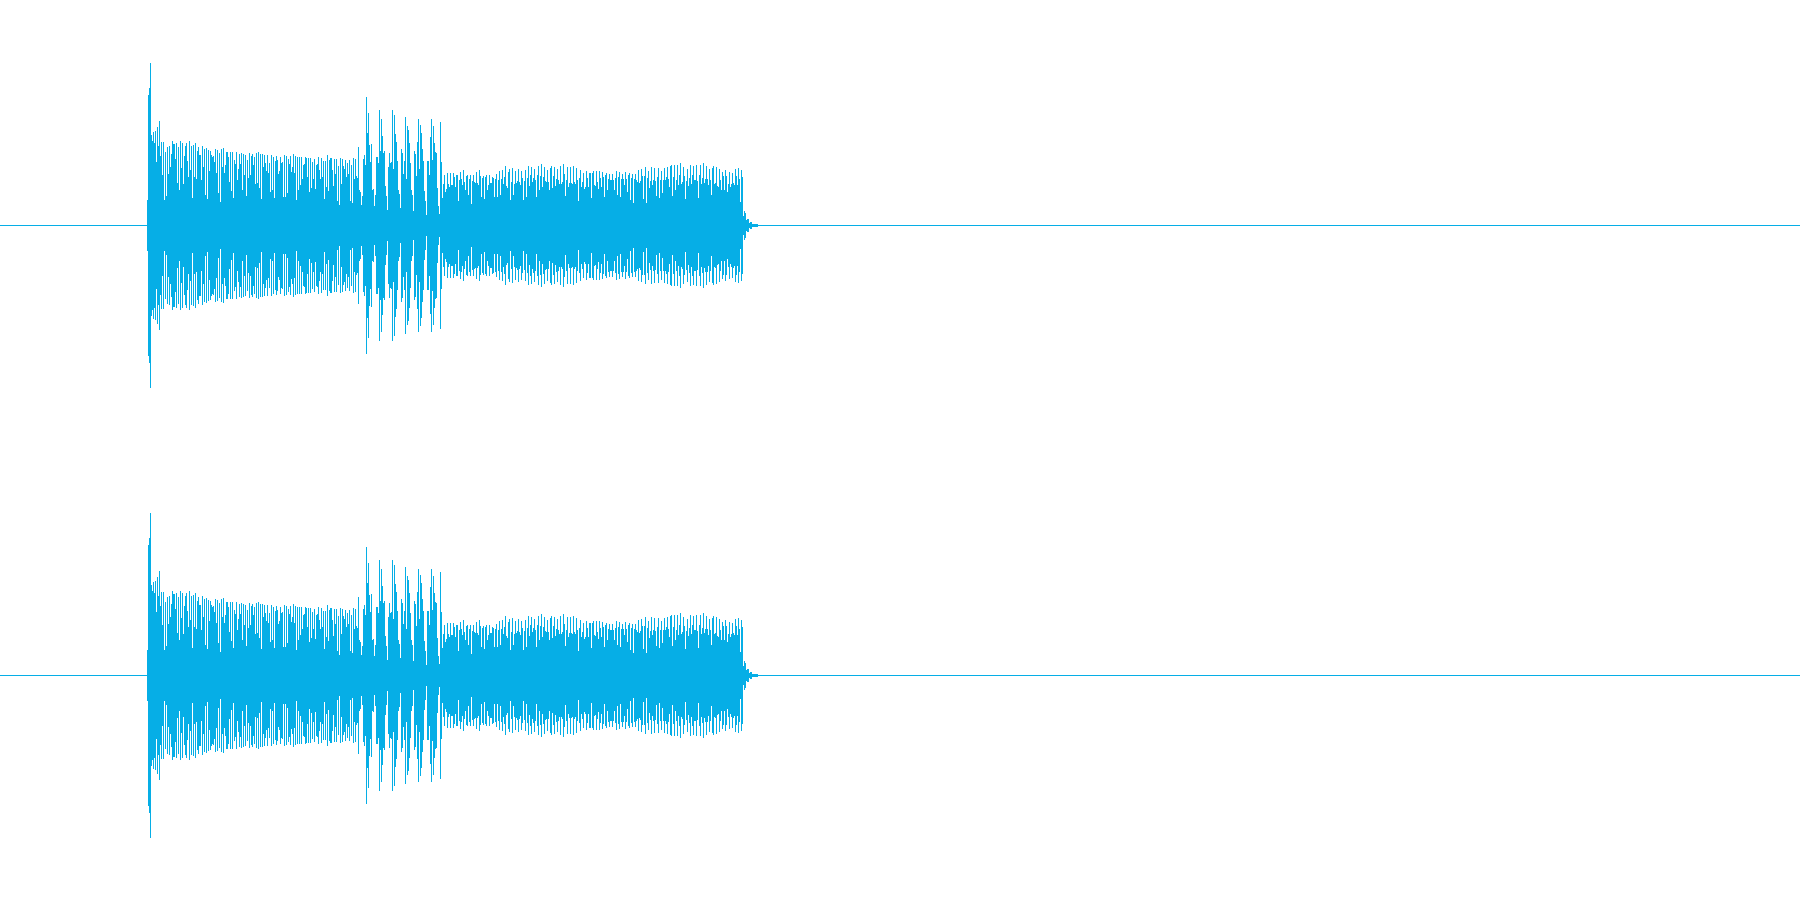 キャンセル音 ピコピコ 電子音の再生済みの波形